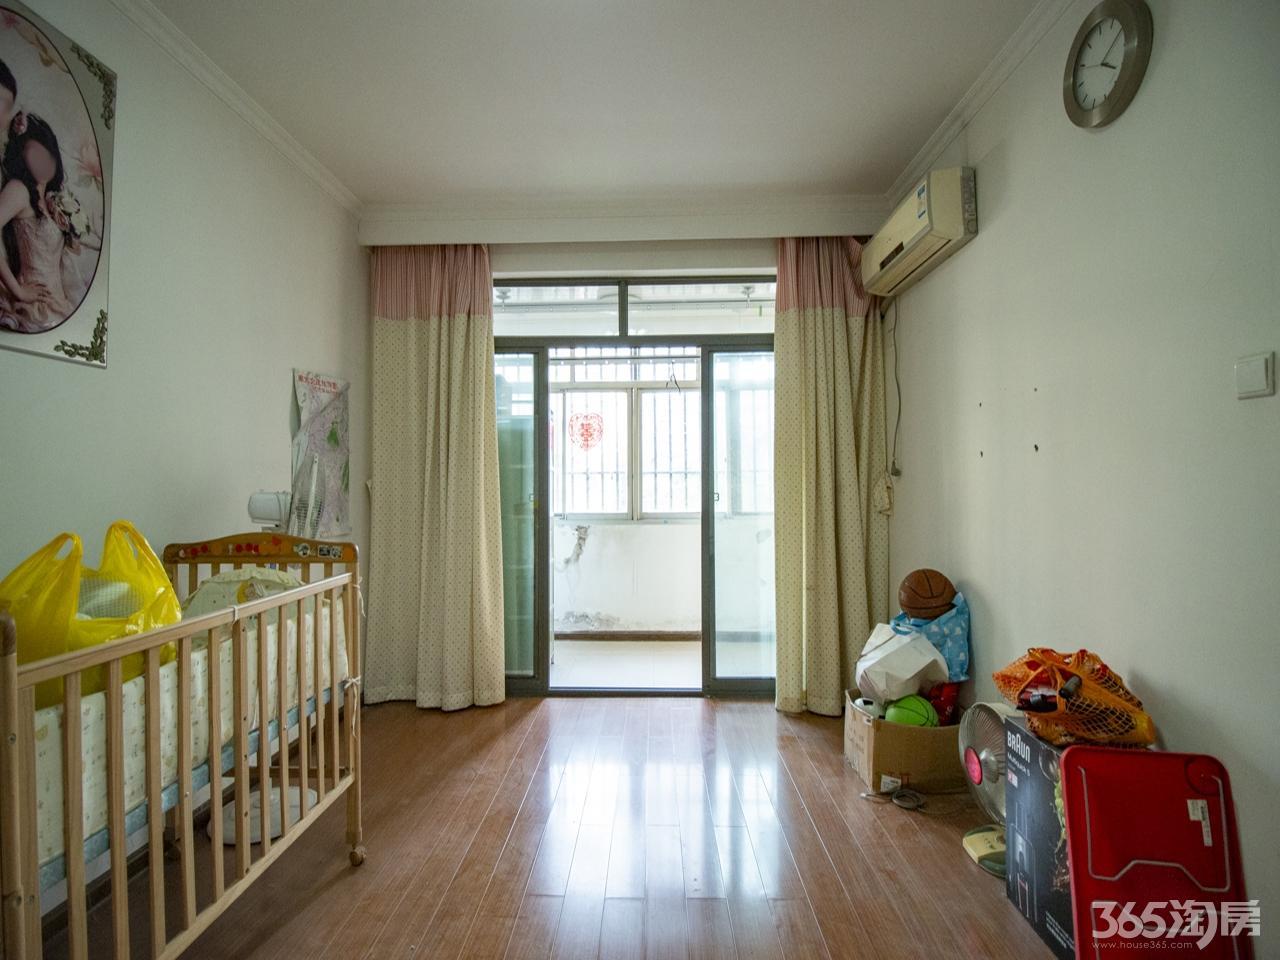 新街口 华侨路 广州路 上海路 豆菜桥小区 精装单室套 无税